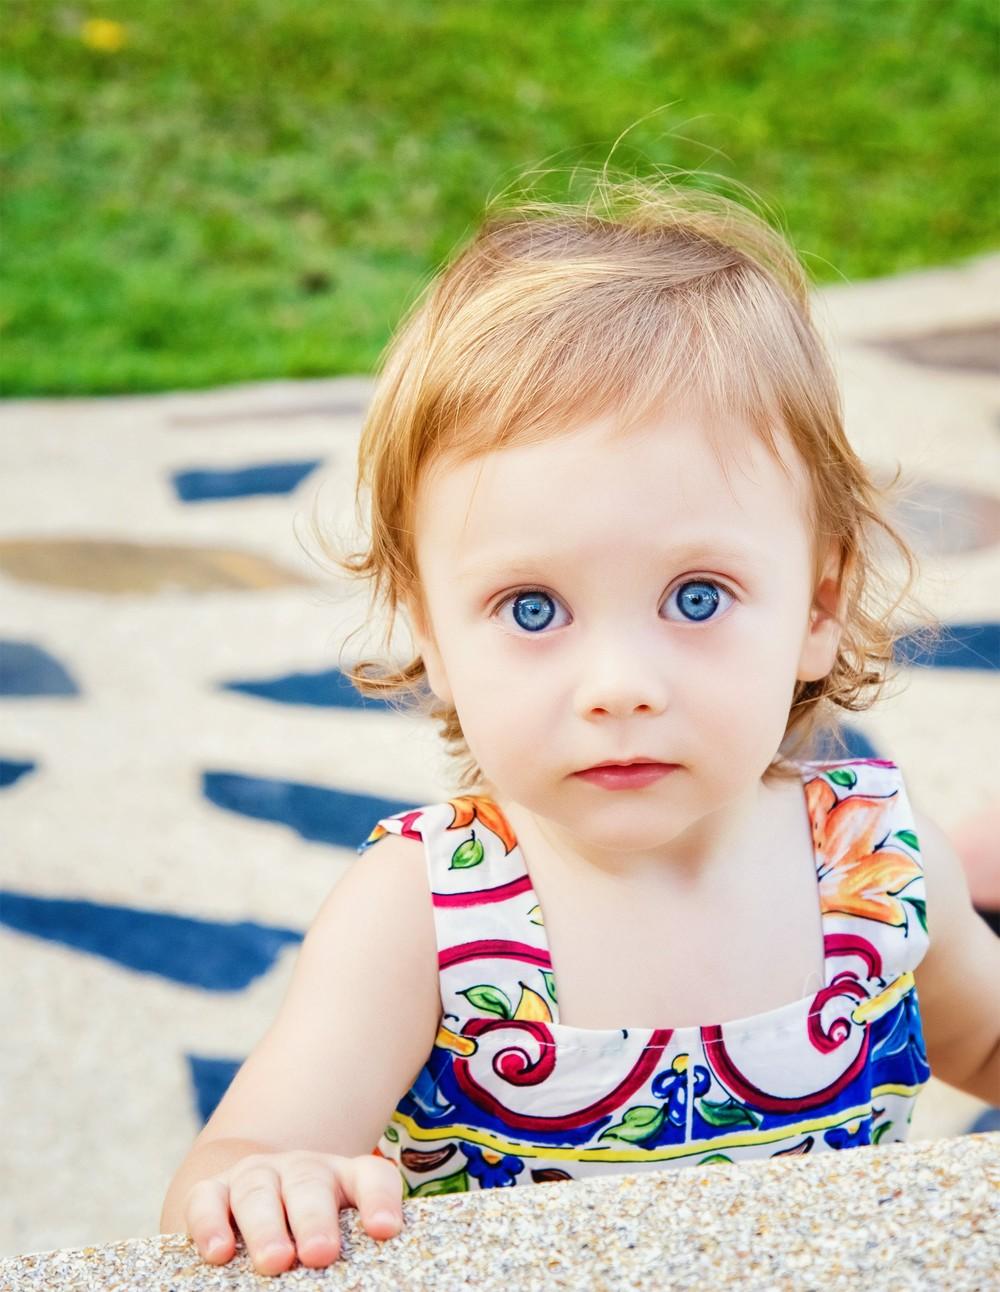 семейная детская фотосессия фотограф Красноярск девочка голубые глаза идея место не дорого